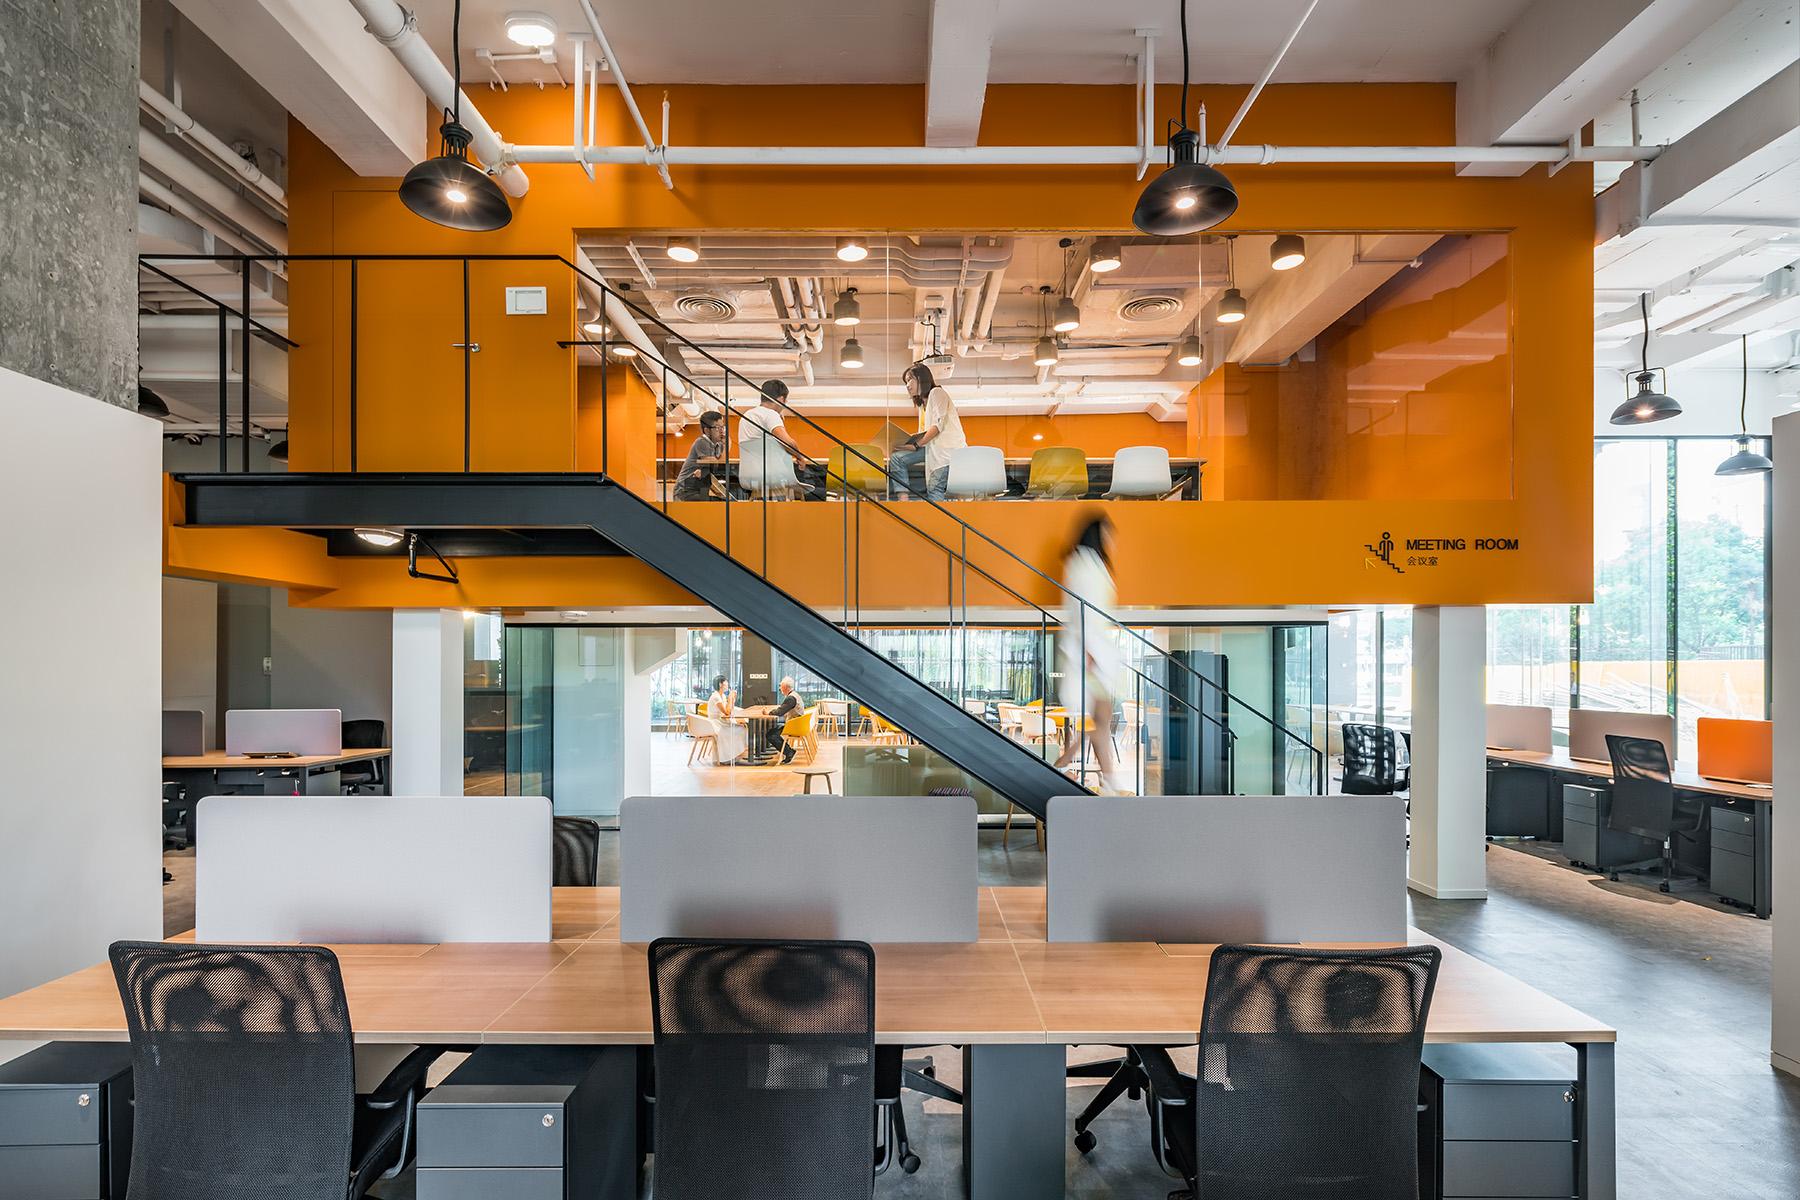 拒绝枯燥乏味!打造全新办公空间,给你家的温暖!|Gensler - 5